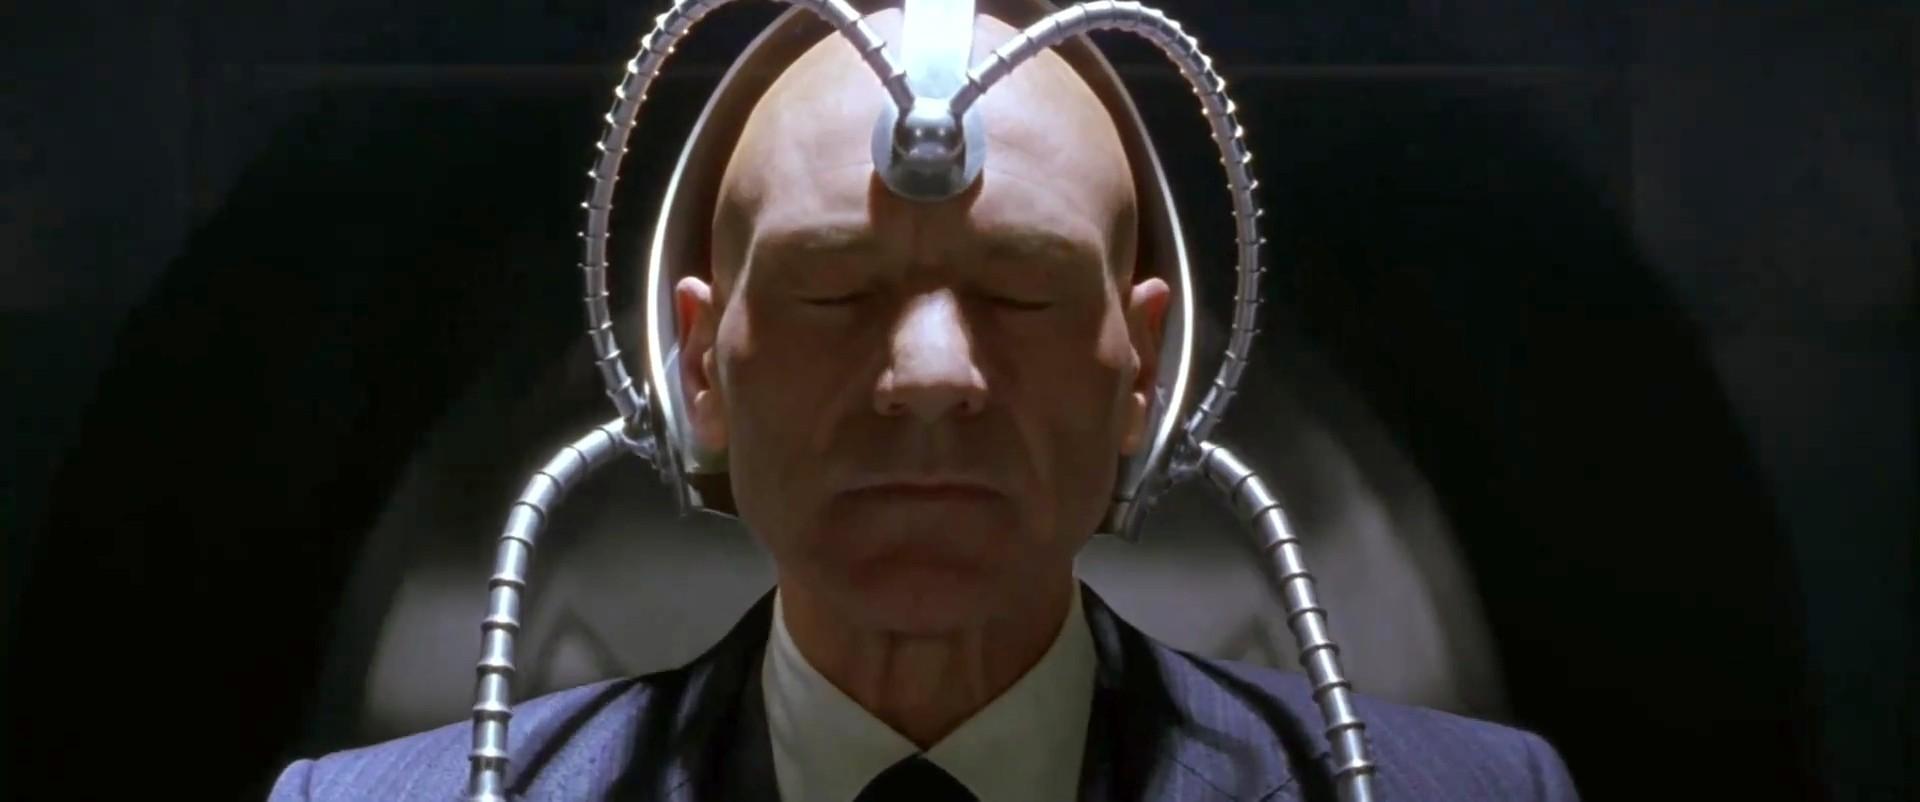 Professor Xavier usa o Cérebro em X Men. (Foto: Reprodução )